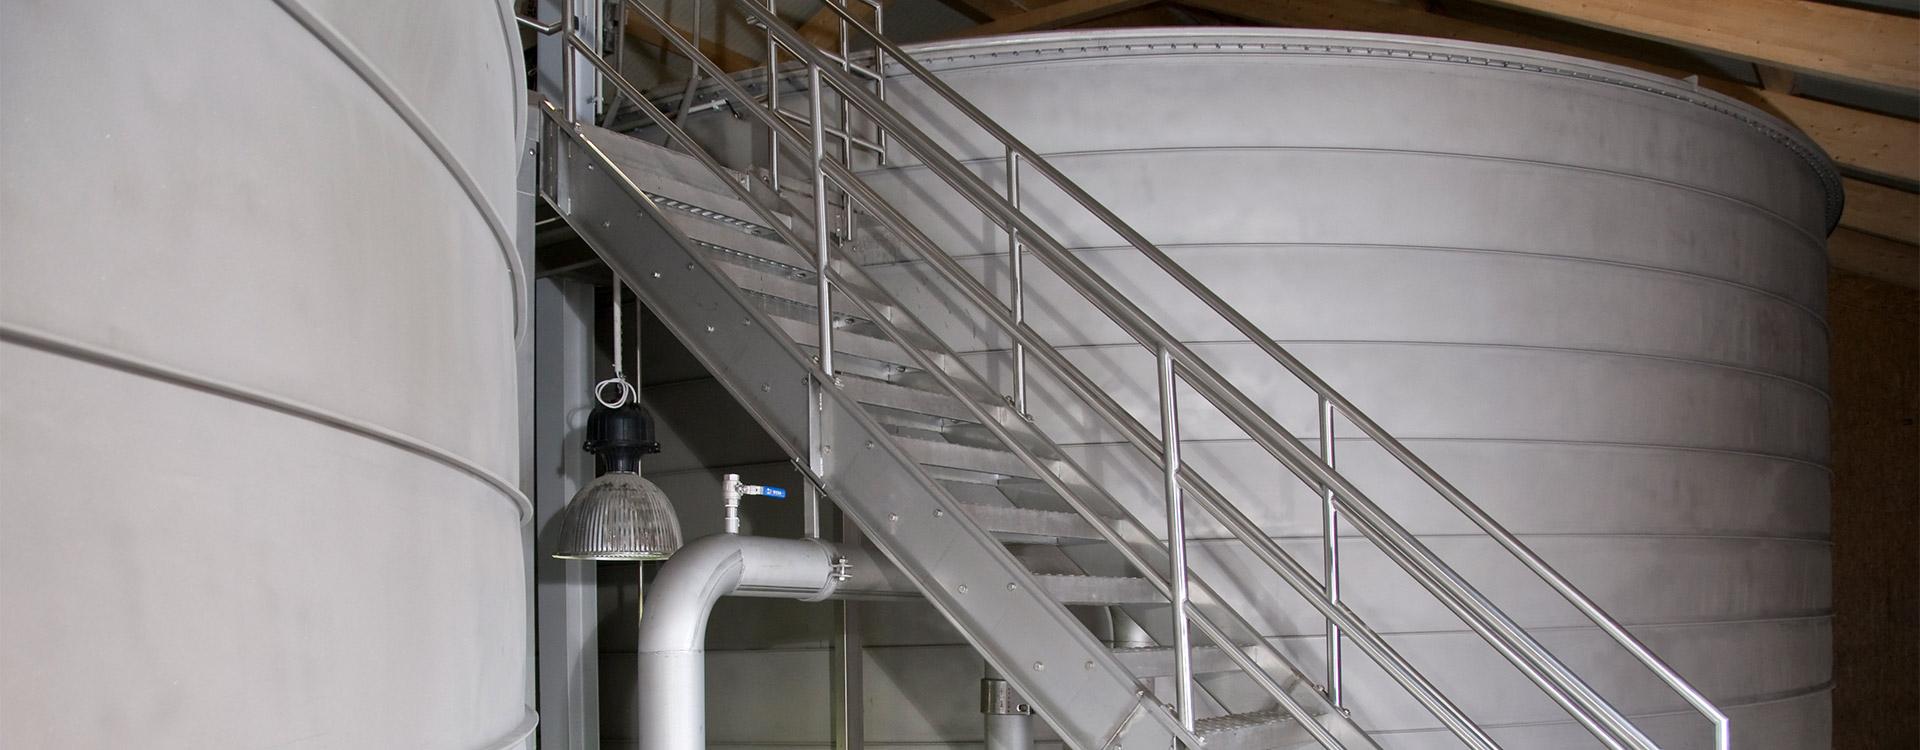 Lipp System -Trinkwasser Behaelter